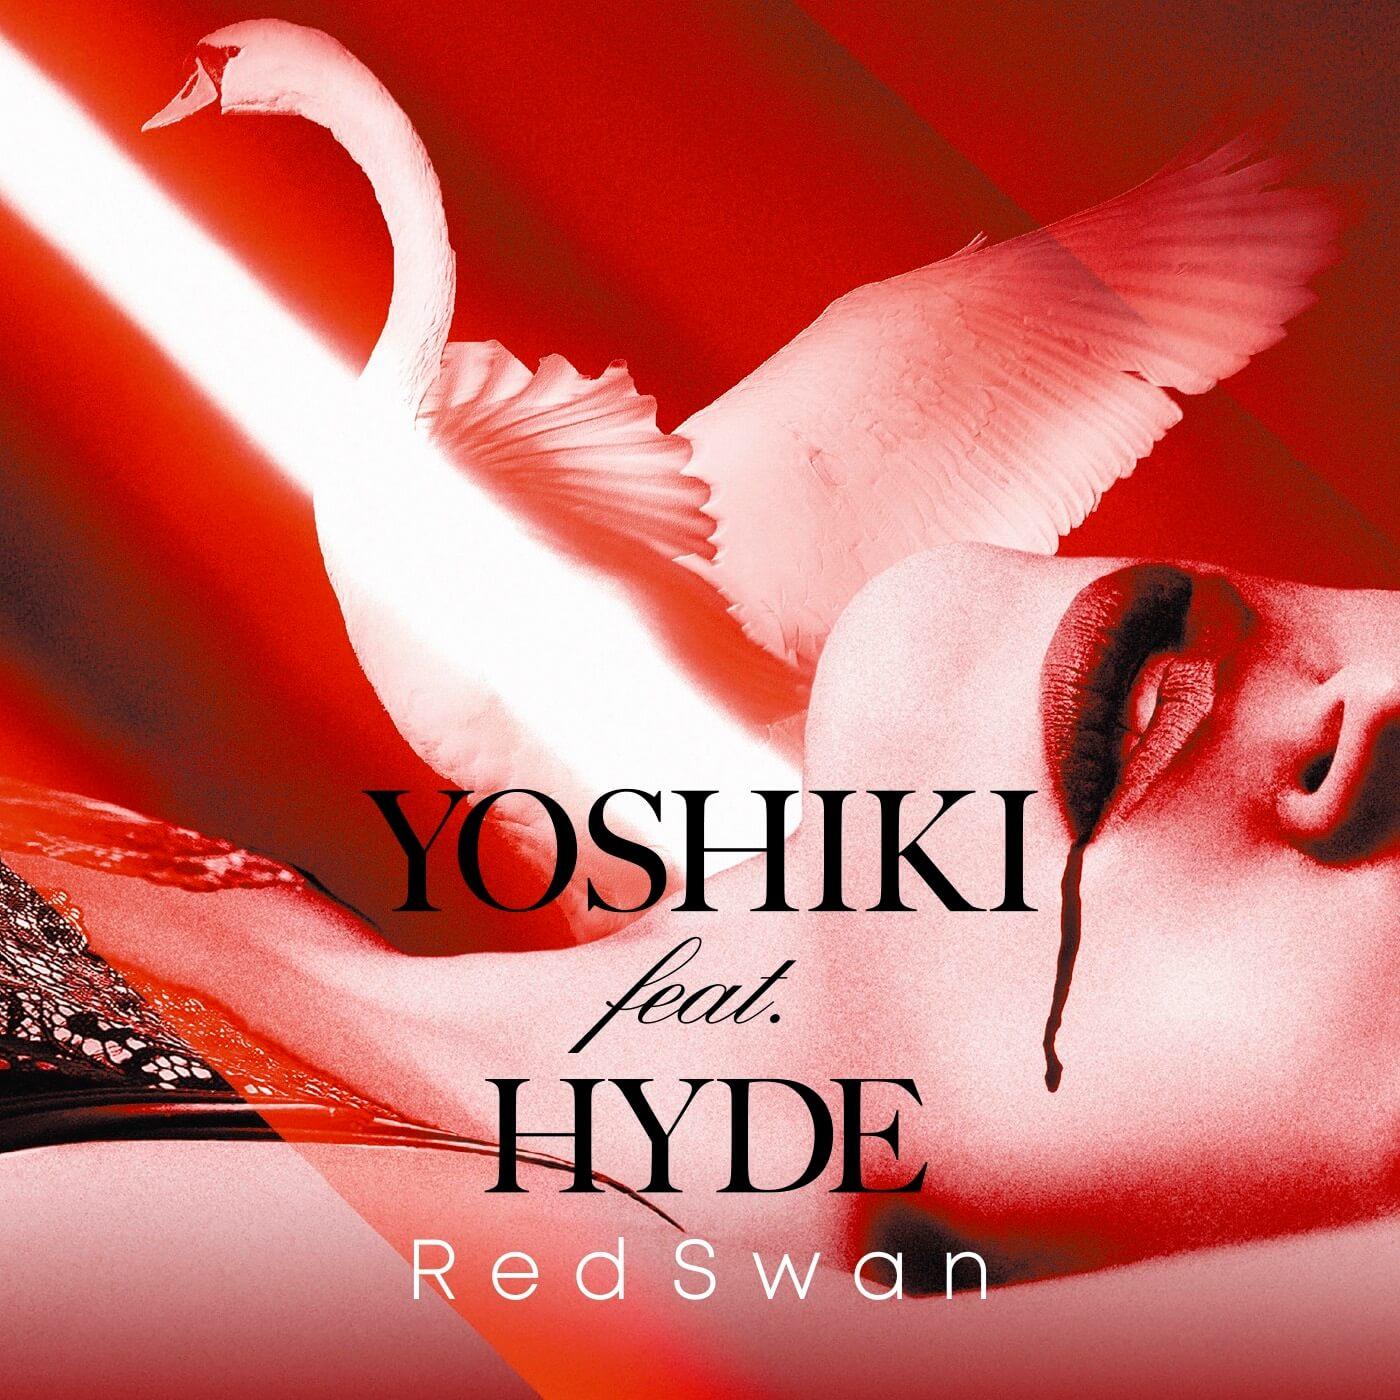 YOSHIKI_feat_HYDE_ARTIST_JKT